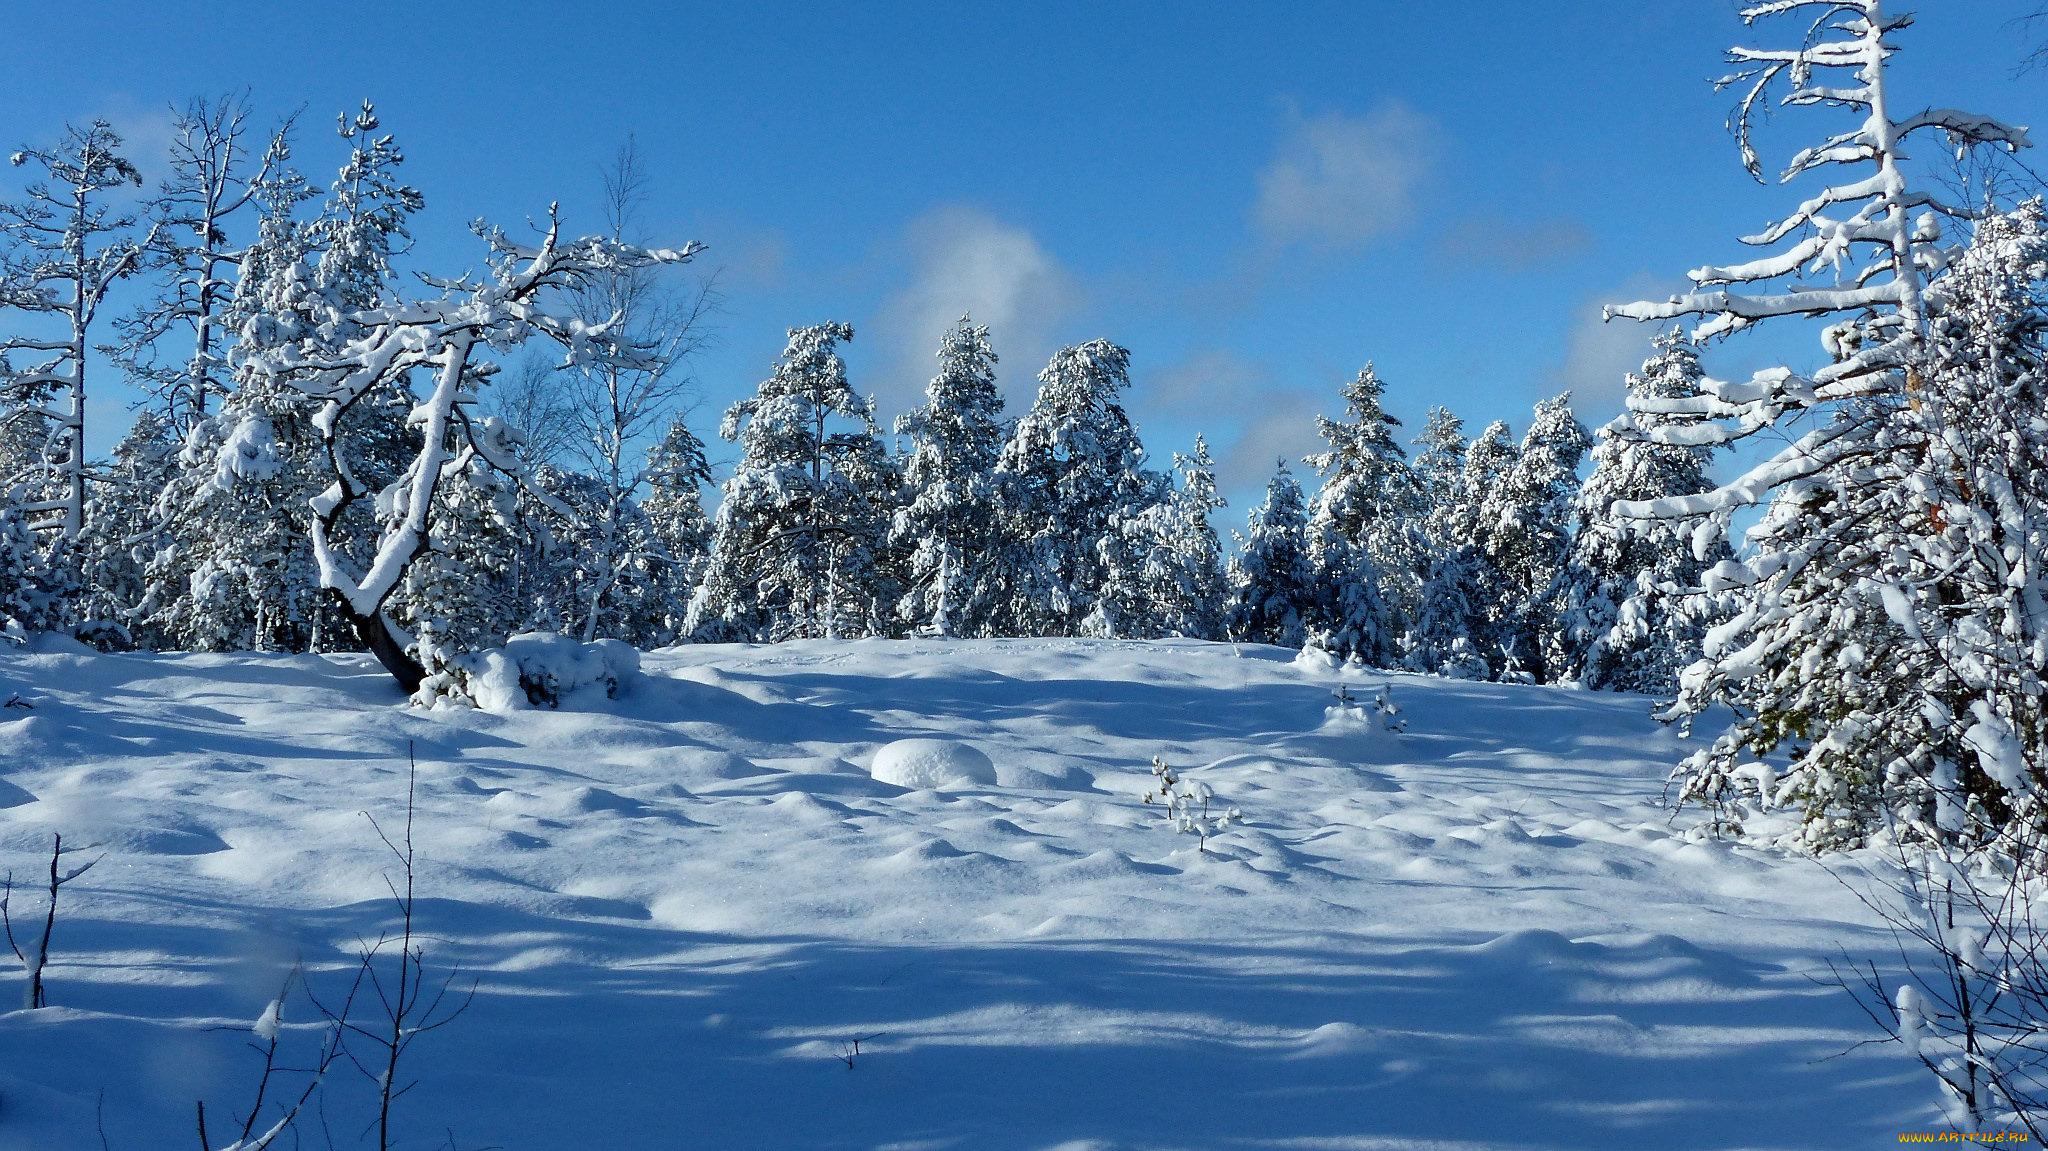 фото картинки на телефон зима клапан